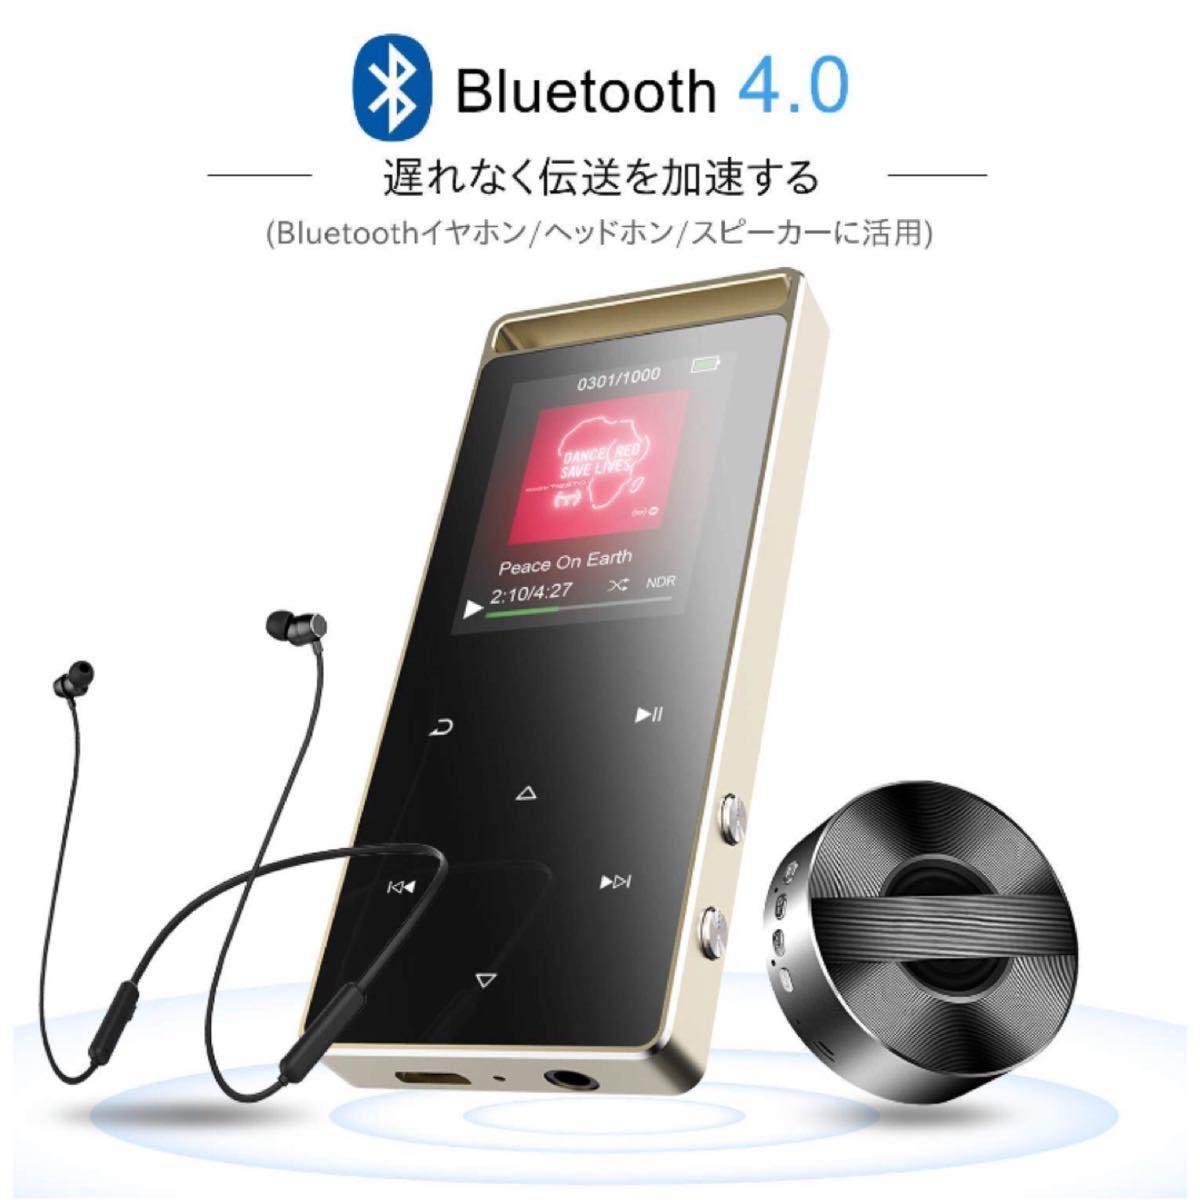 Bluetooth4.0対応 デジタルオーディオプレーヤー 超高音質 mp3プレーヤー _画像2